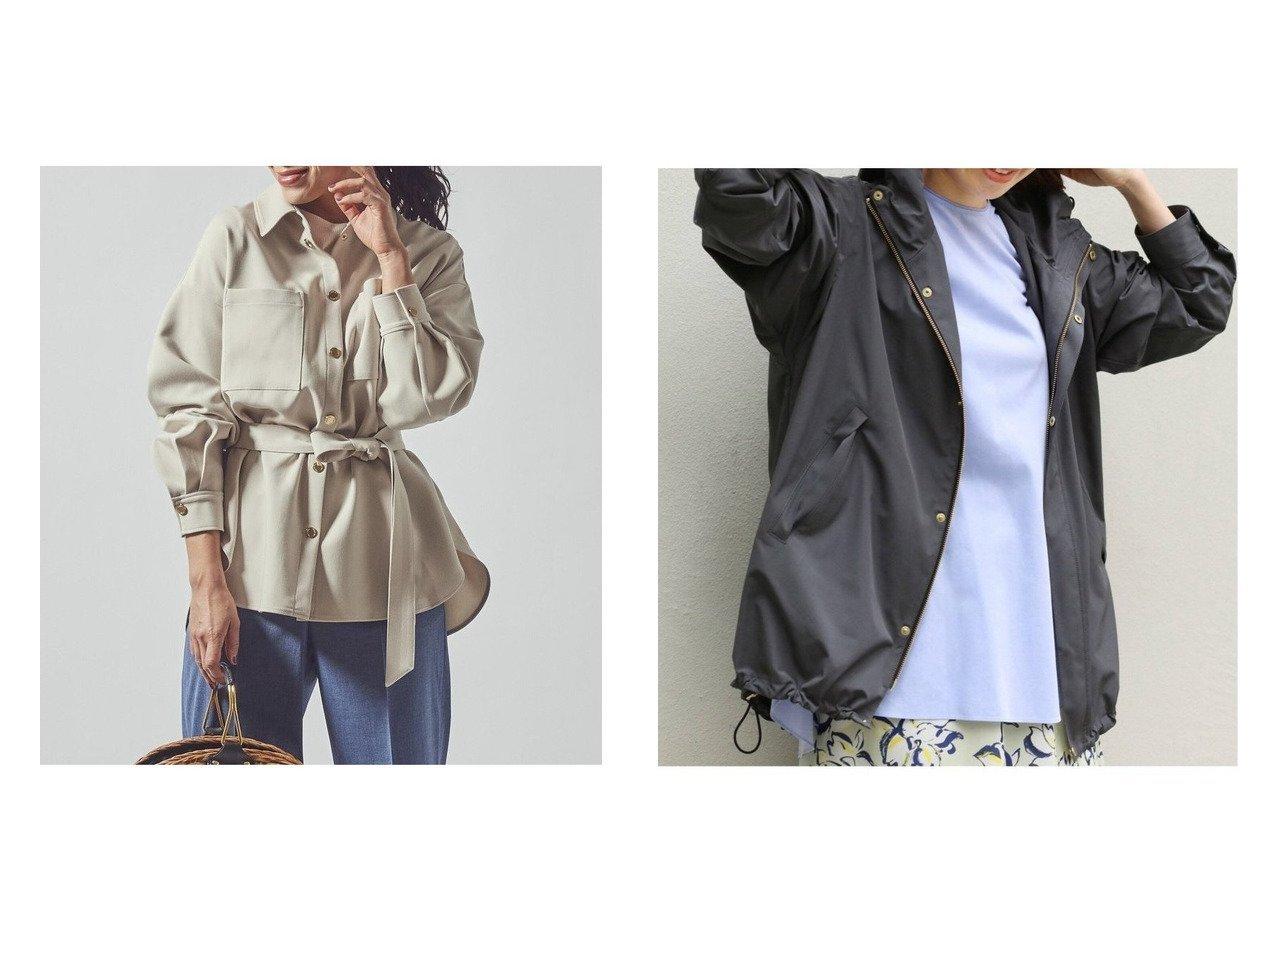 【Viaggio Blu/ビアッジョブルー】のウエストベルト付きダブルクロスCPOジャケット&【IENA/イエナ】のCタフタフーデットブルゾン 【アウター】おすすめ!人気、トレンド・レディースファッションの通販 おすすめで人気の流行・トレンド、ファッションの通販商品 メンズファッション・キッズファッション・インテリア・家具・レディースファッション・服の通販 founy(ファニー) https://founy.com/ ファッション Fashion レディースファッション WOMEN アウター Coat Outerwear コート Coats ジャケット Jackets テーラードジャケット Tailored Jackets ベルト Belts ブルゾン Blouson/Jackets ジャケット ダブル ボトム ショート スポーツ タフタ 定番 Standard 人気 ヨーク ロング 2021年 2021 S/S・春夏 SS・Spring/Summer 2021春夏・S/S SS/Spring/Summer/2021 |ID:crp329100000034227